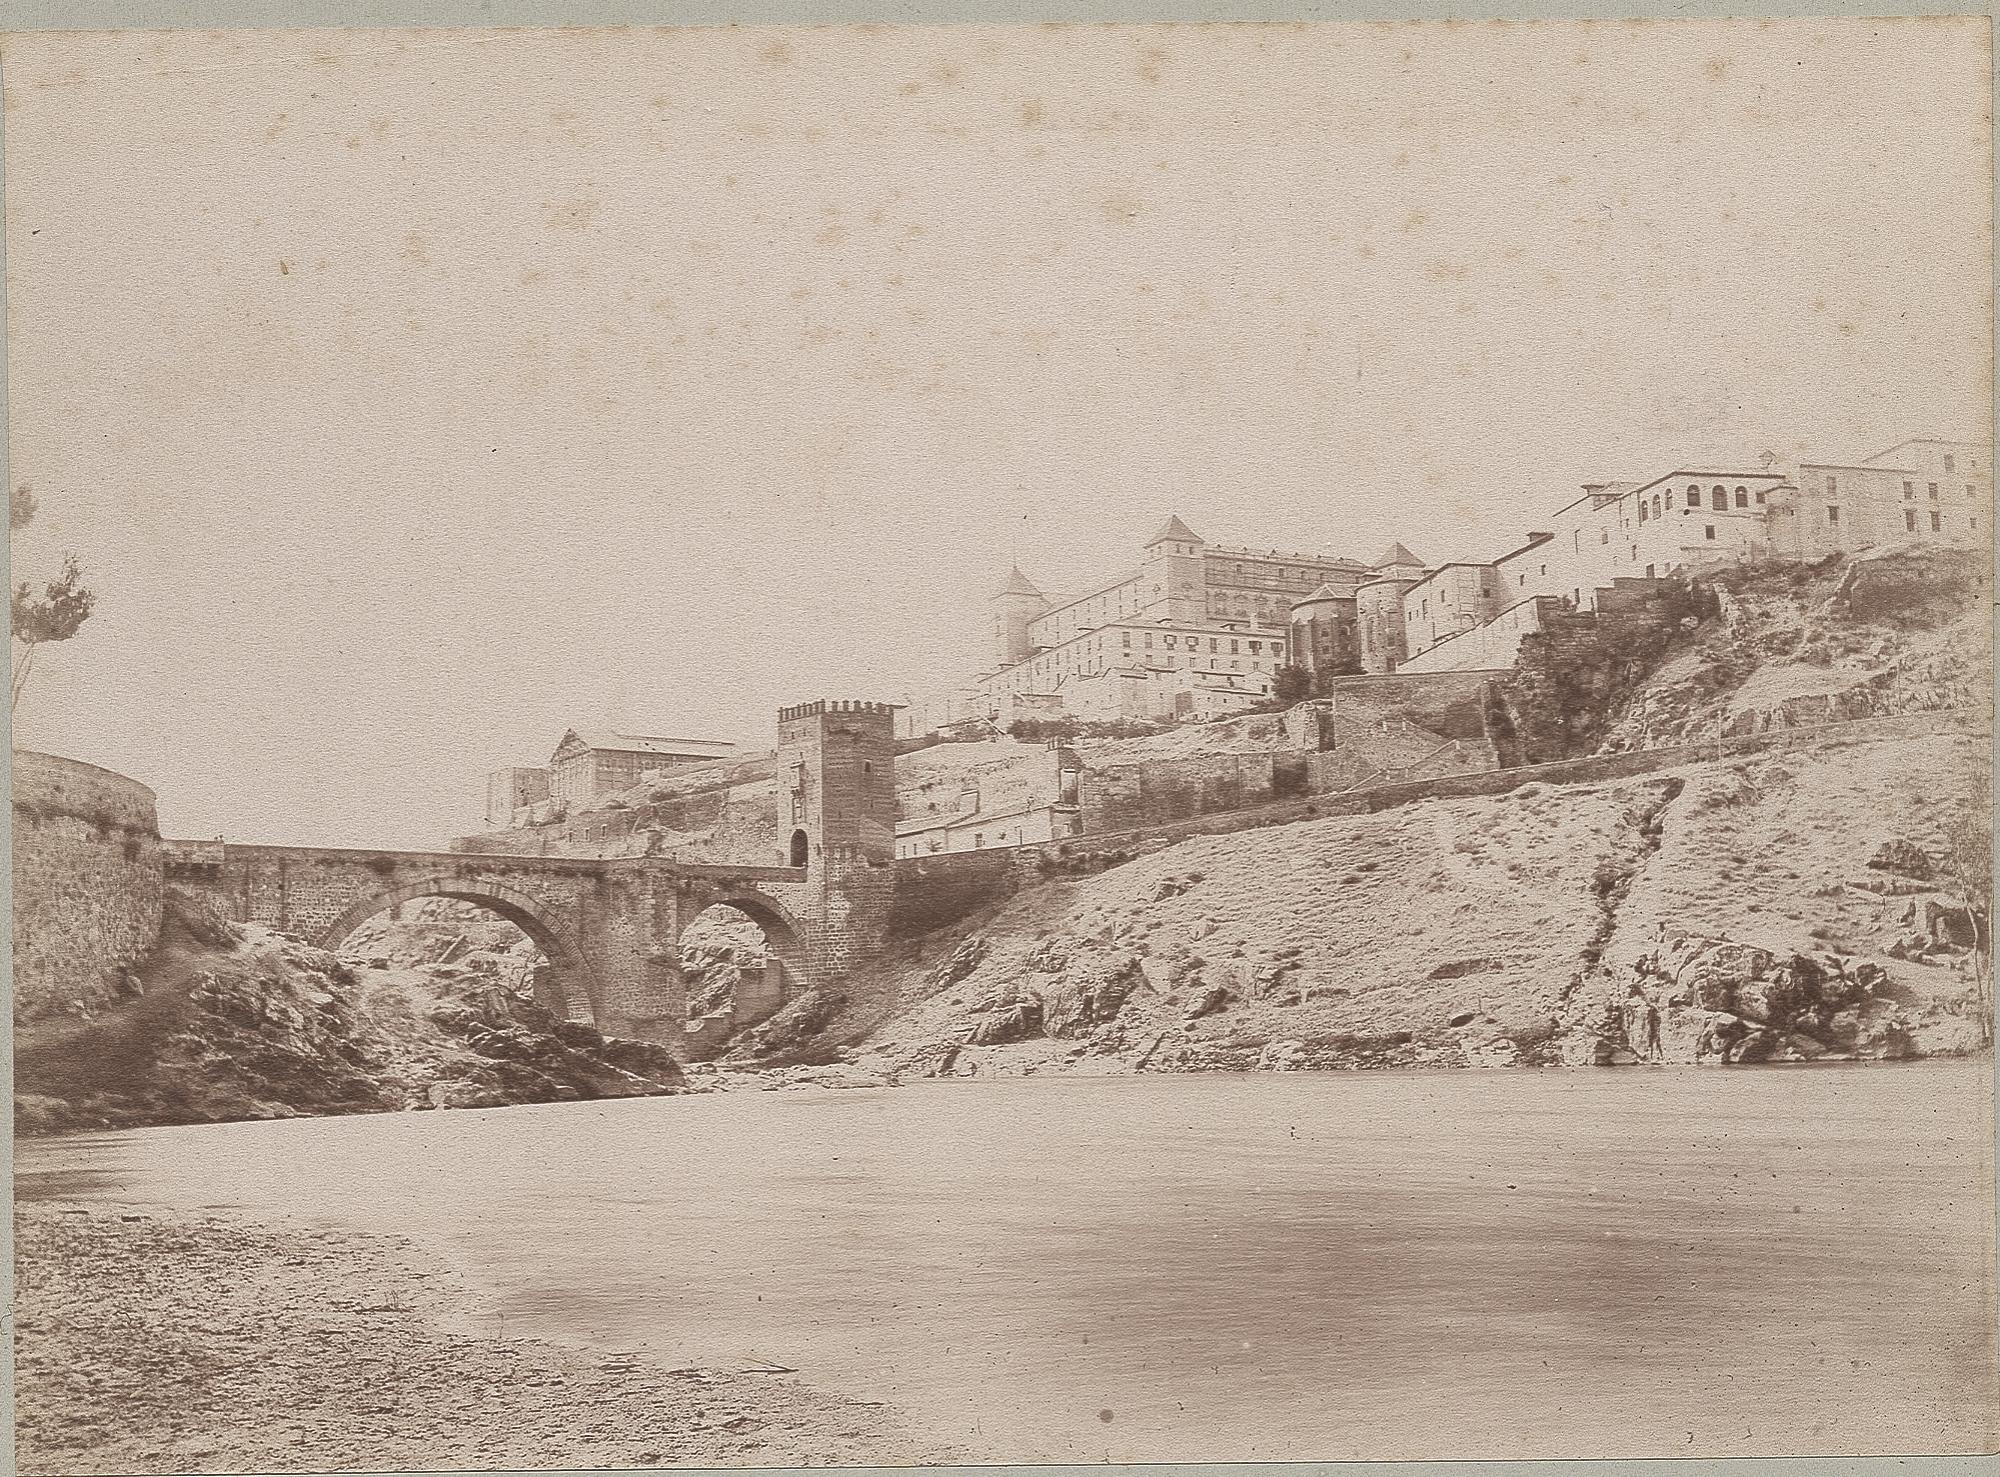 Puente de Alcántara en 1886 © Archives départementales de l'Aude